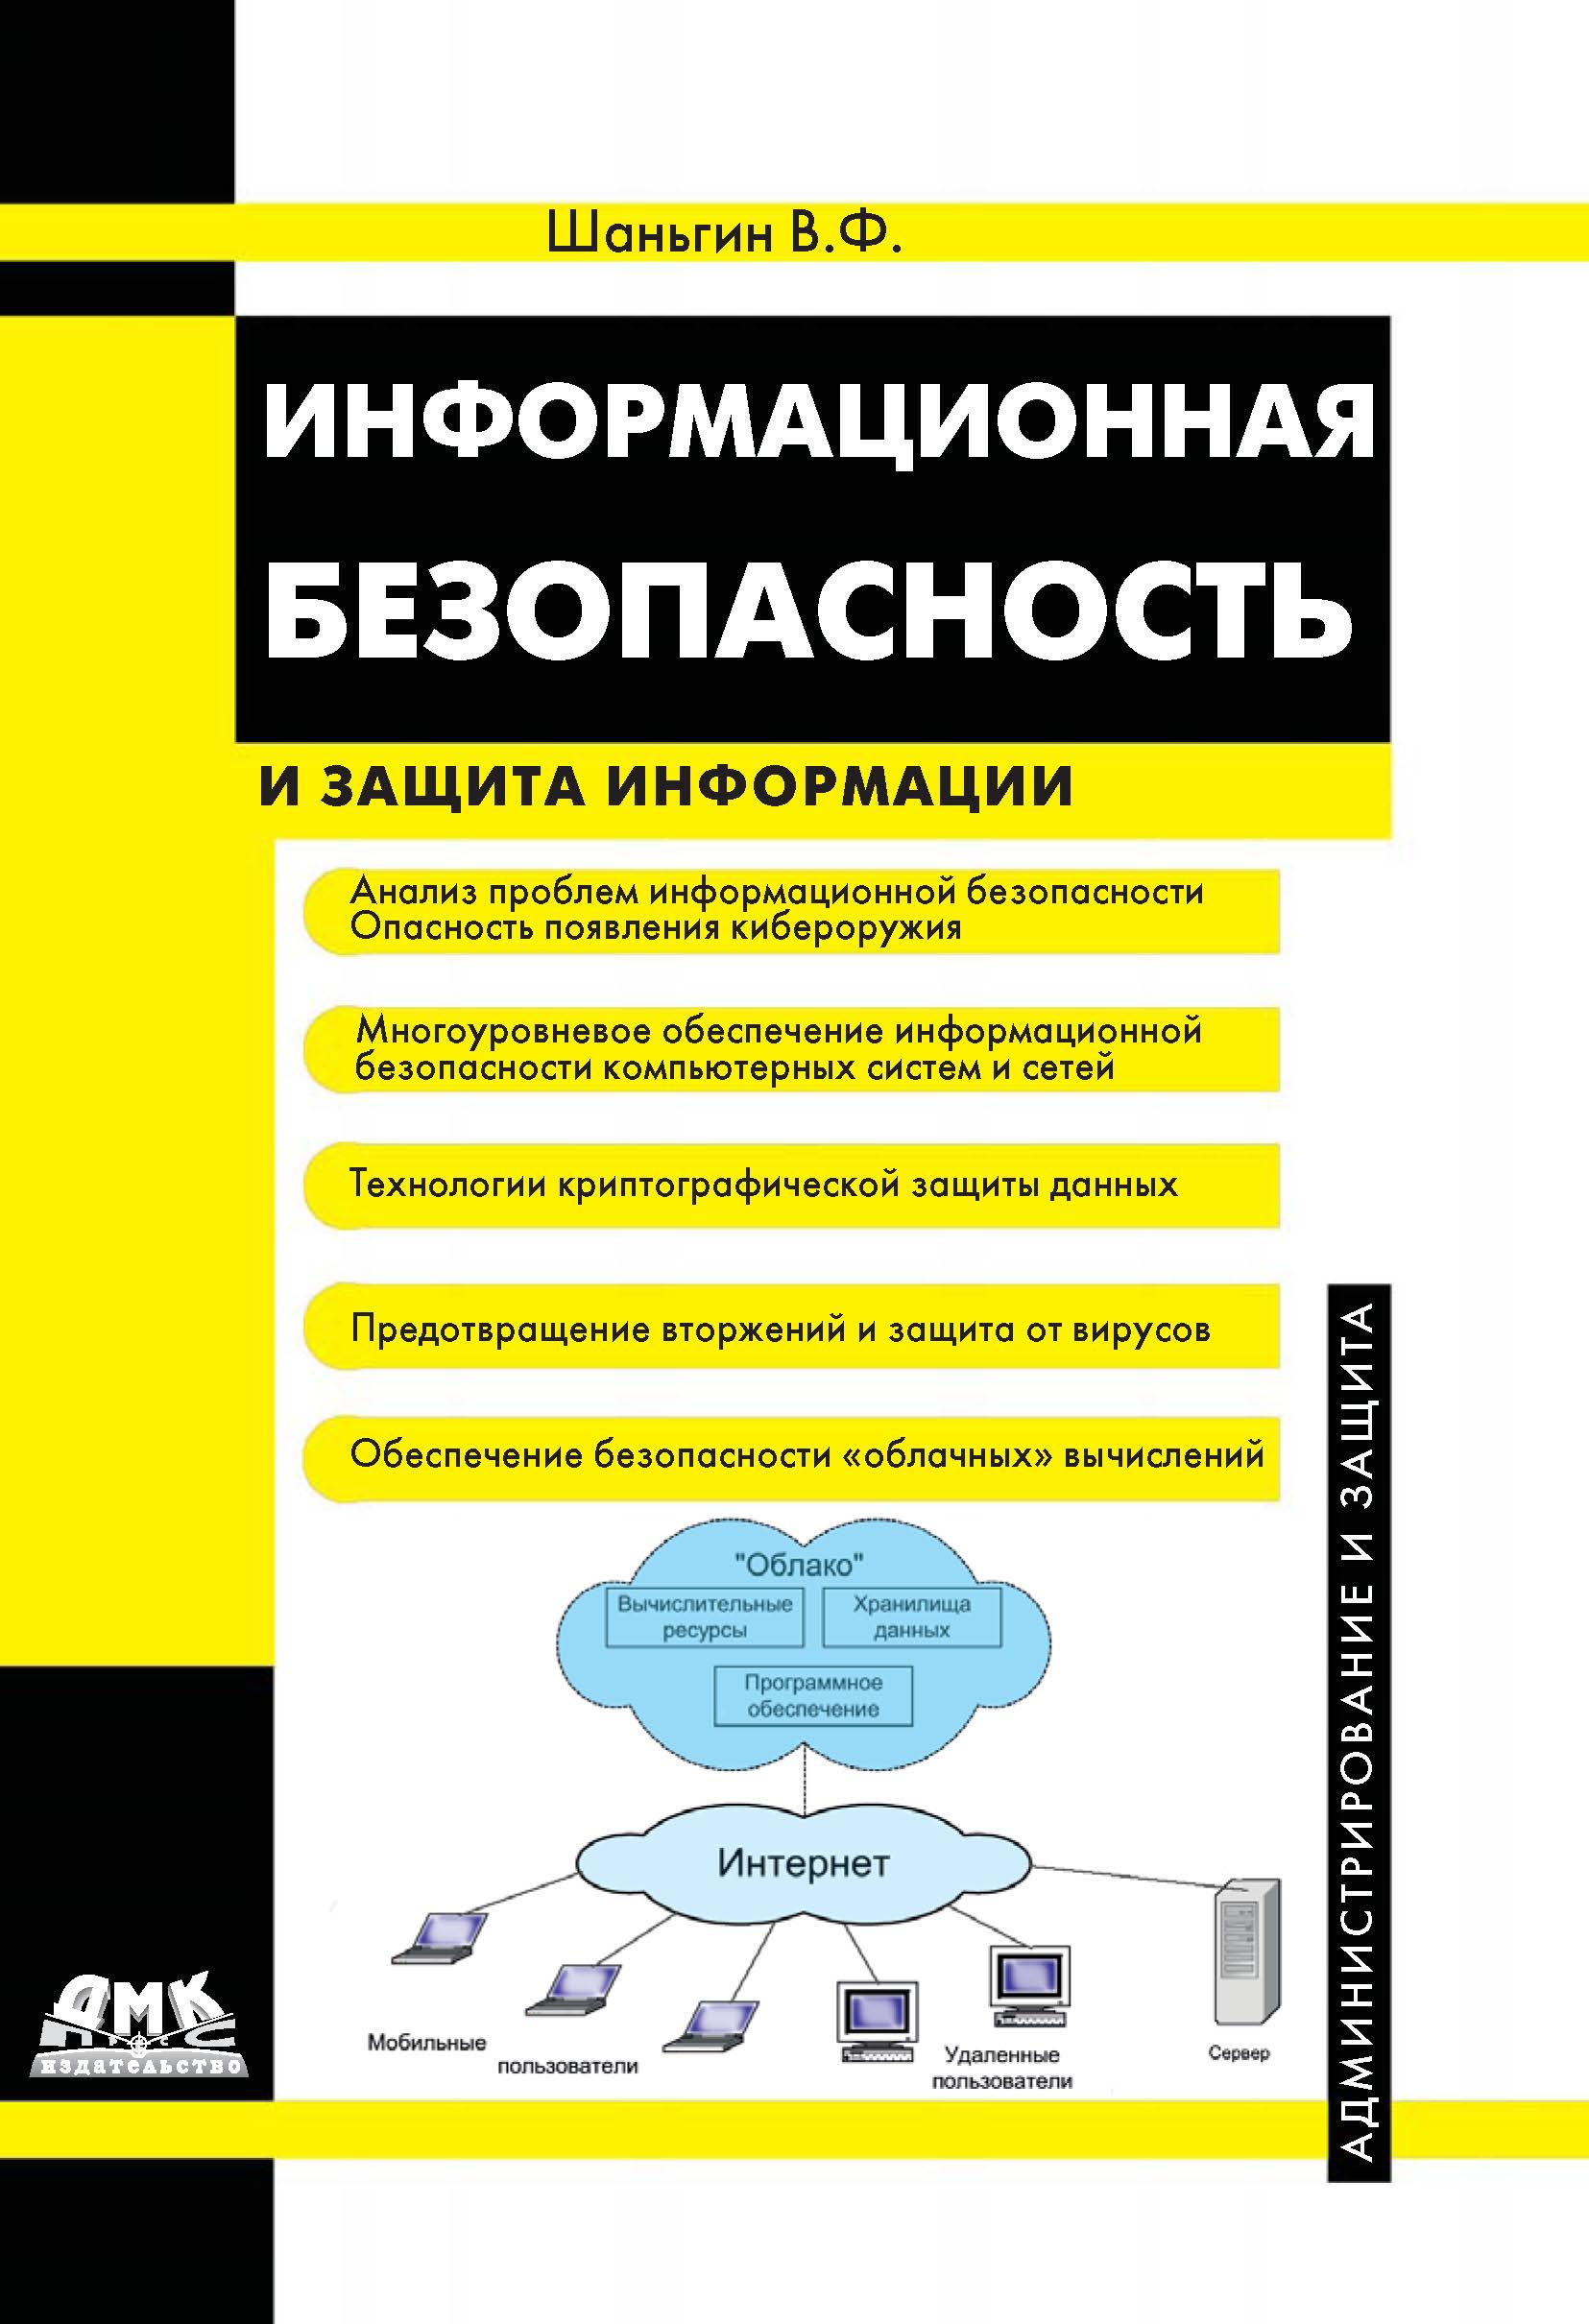 В. Ф. Шаньгин Информационная безопасность цена